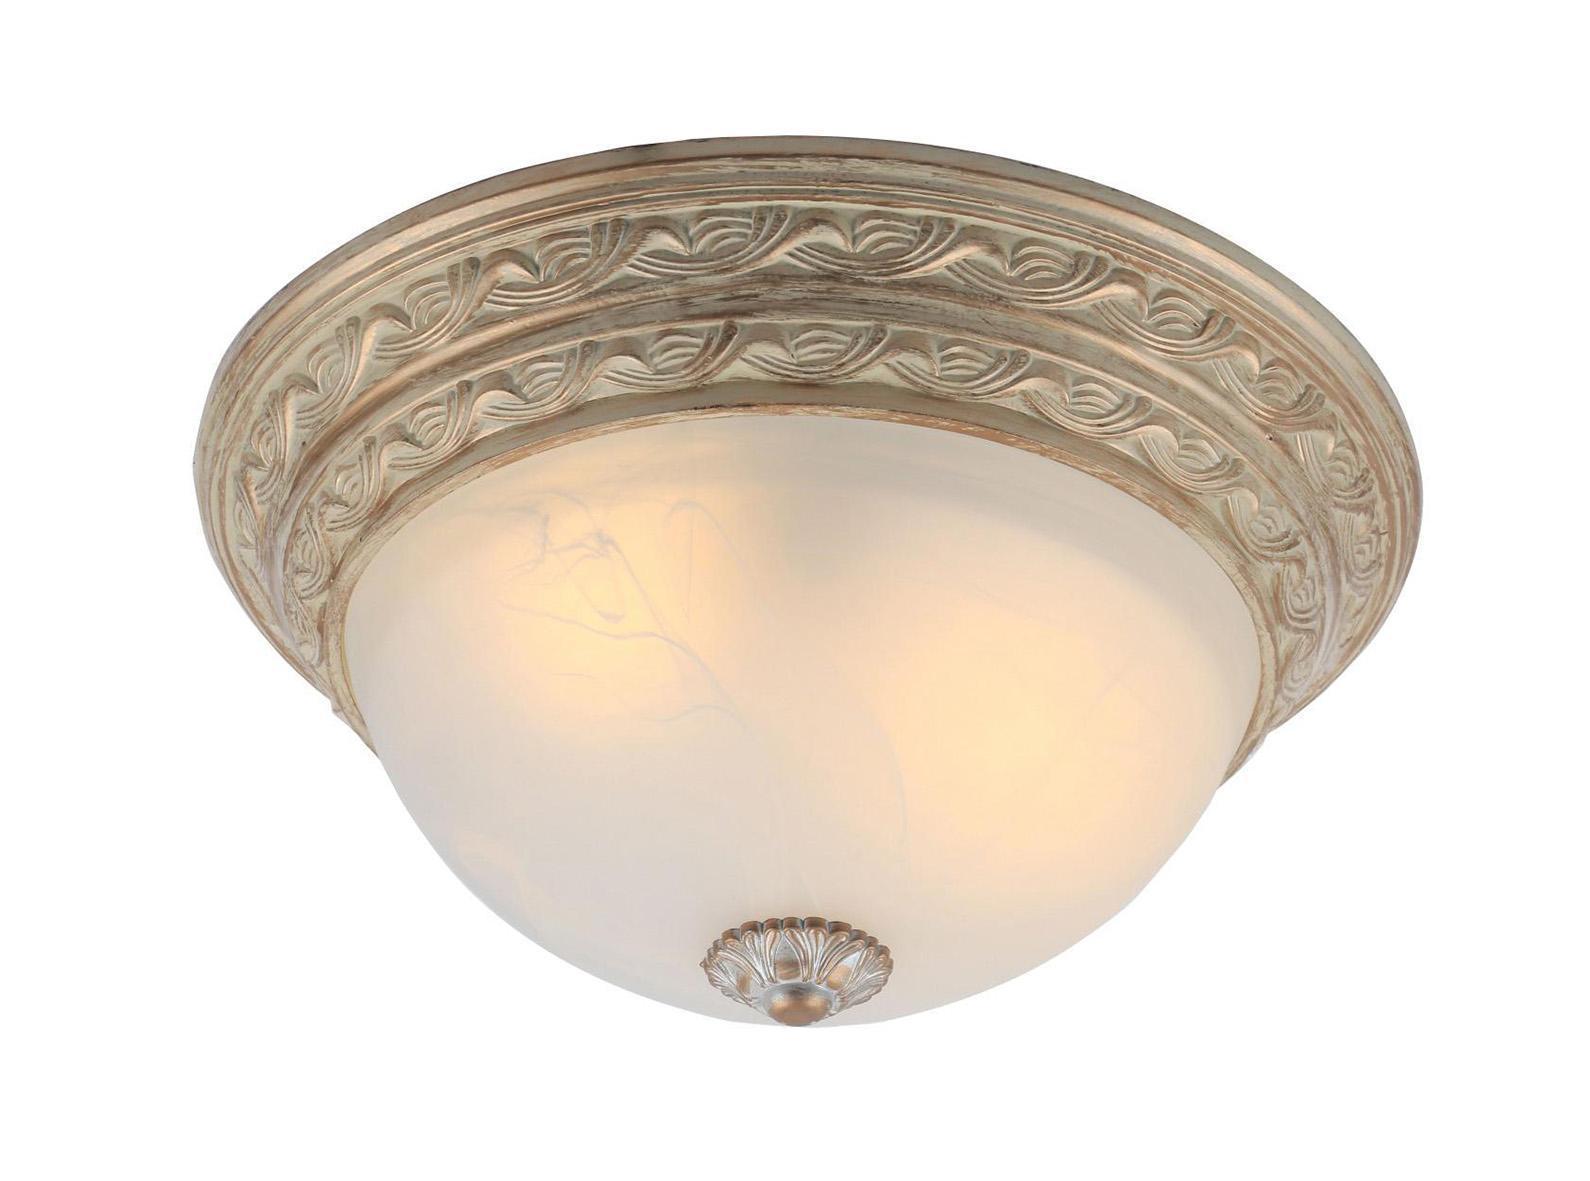 Люстра Arte lampЛюстры<br>Назначение светильника: для гостиной,<br>Стиль светильника: классика,<br>Тип: потолочная,<br>Материал светильника: металл, стекло,<br>Материал плафона: стекло,<br>Материал арматуры: металл,<br>Диаметр: 340,<br>Высота: 170,<br>Количество ламп: 2,<br>Тип лампы: накаливания,<br>Мощность: 120,<br>Патрон: Е27,<br>Цвет арматуры: дерево<br>